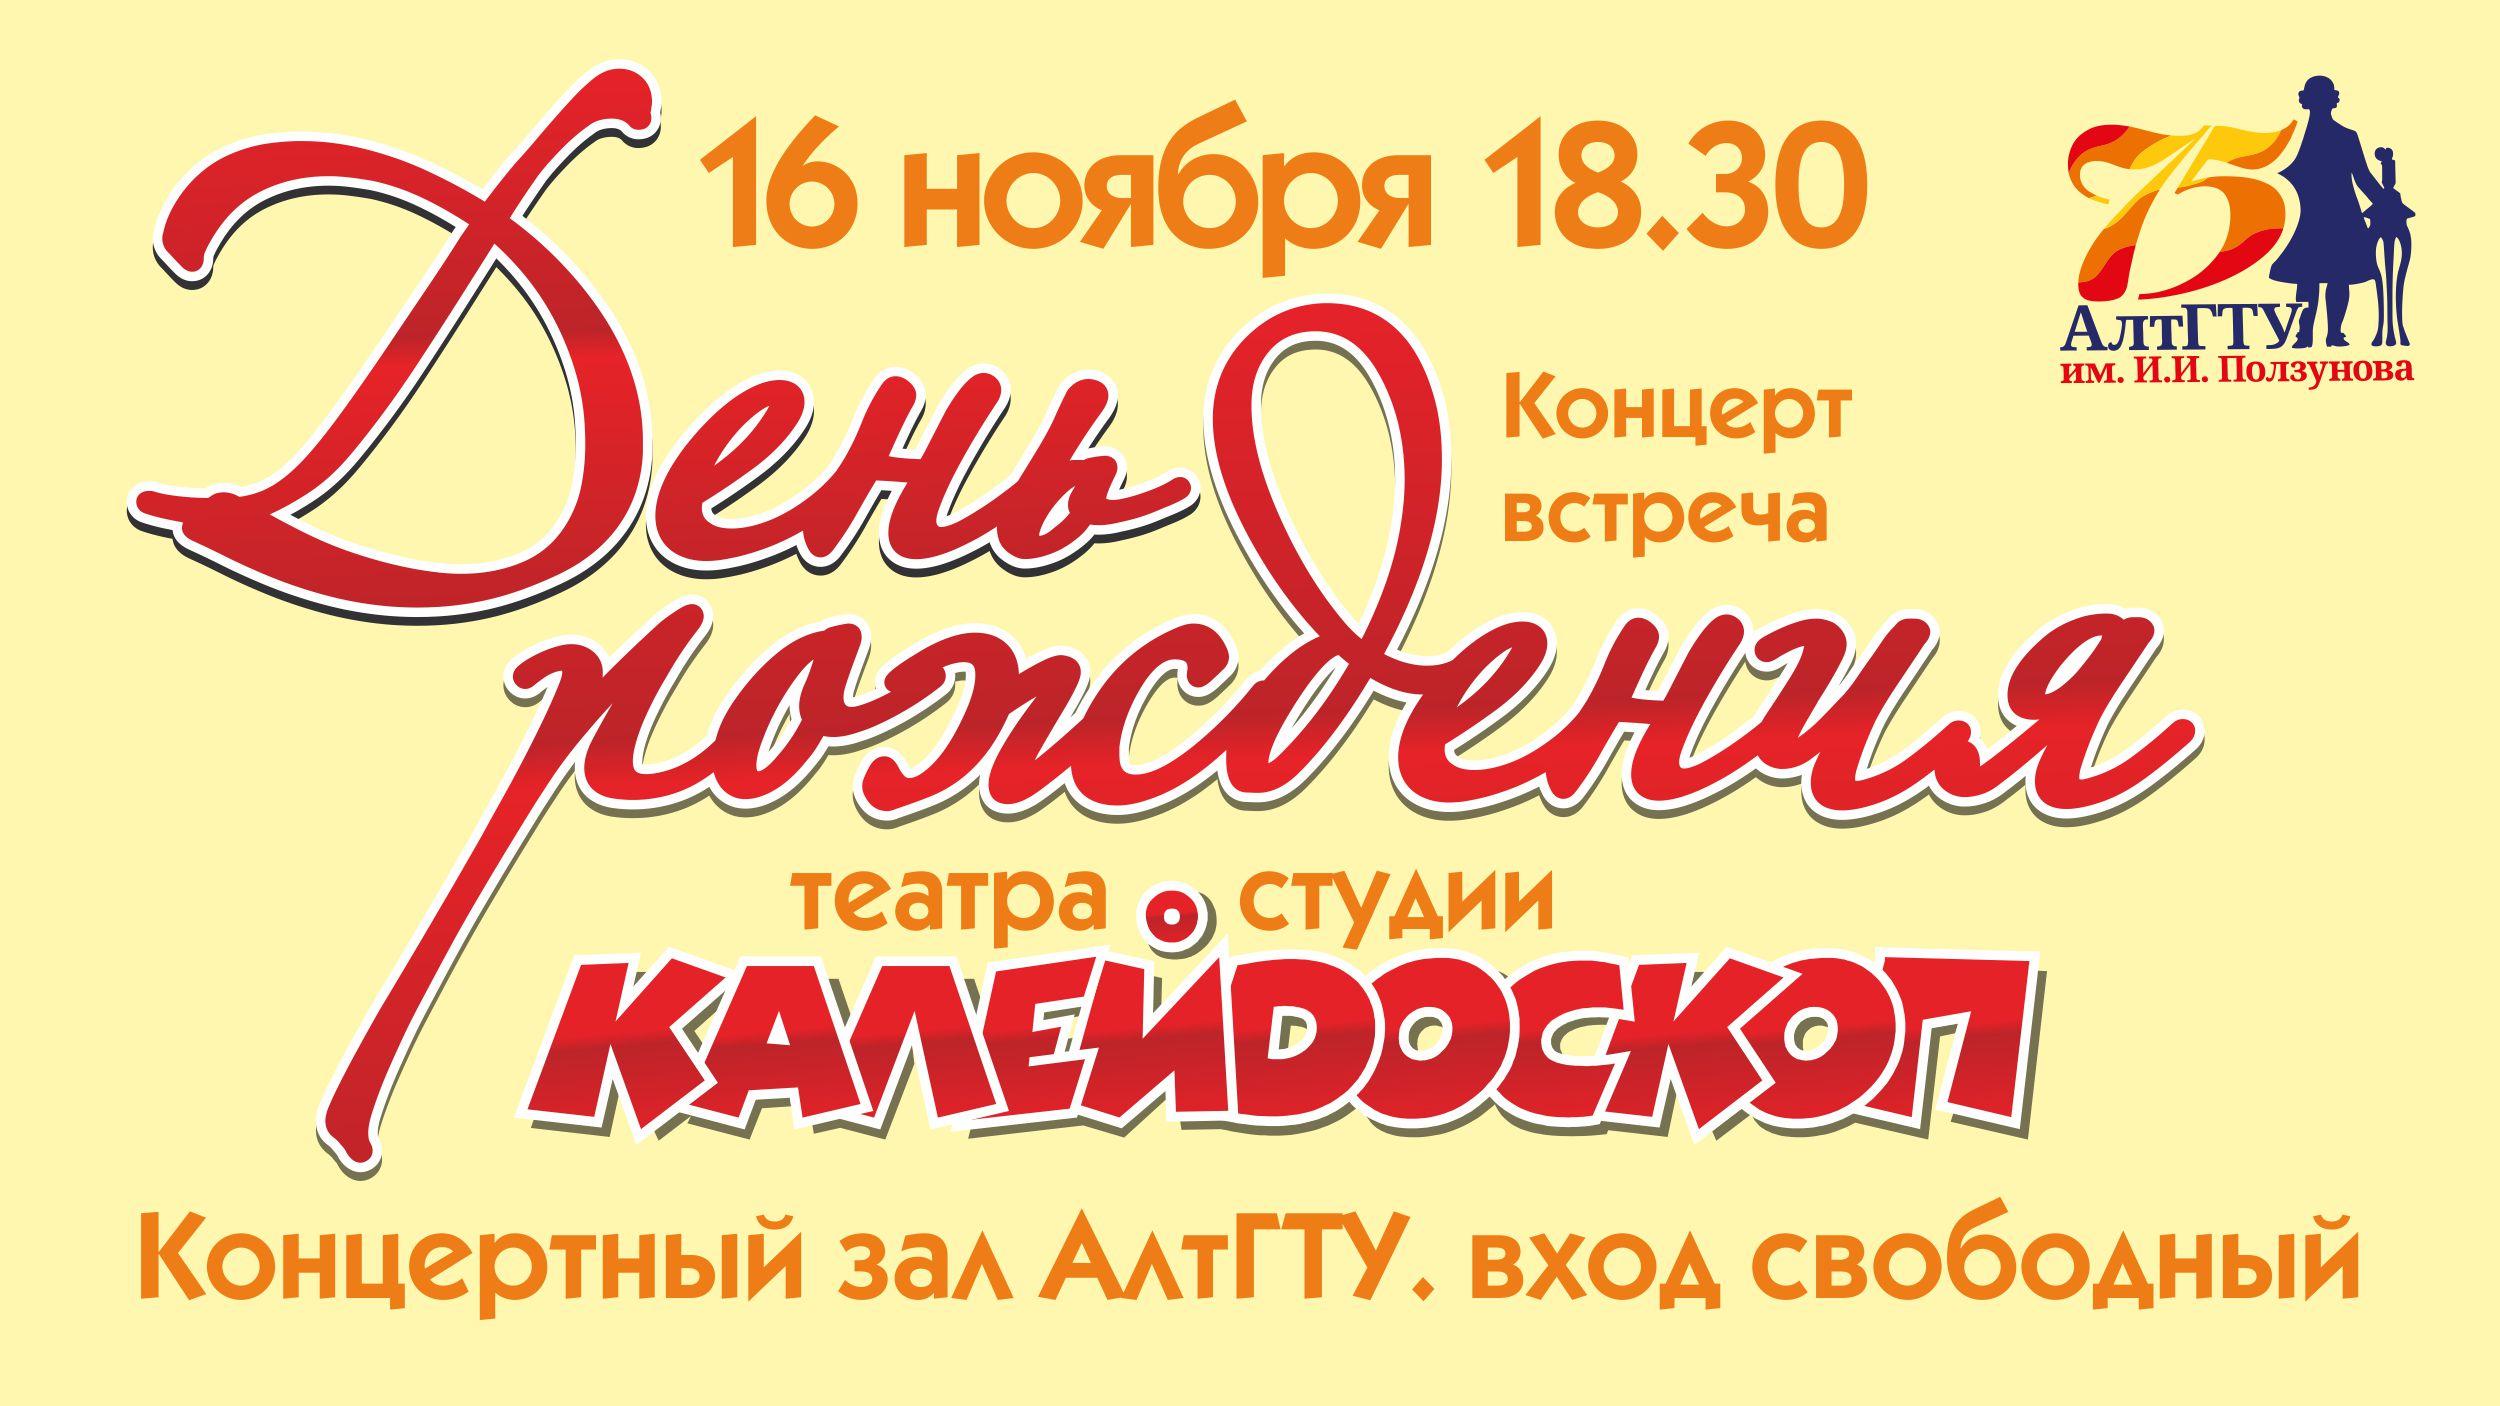 http://s7.uploads.ru/y5tTo.jpg